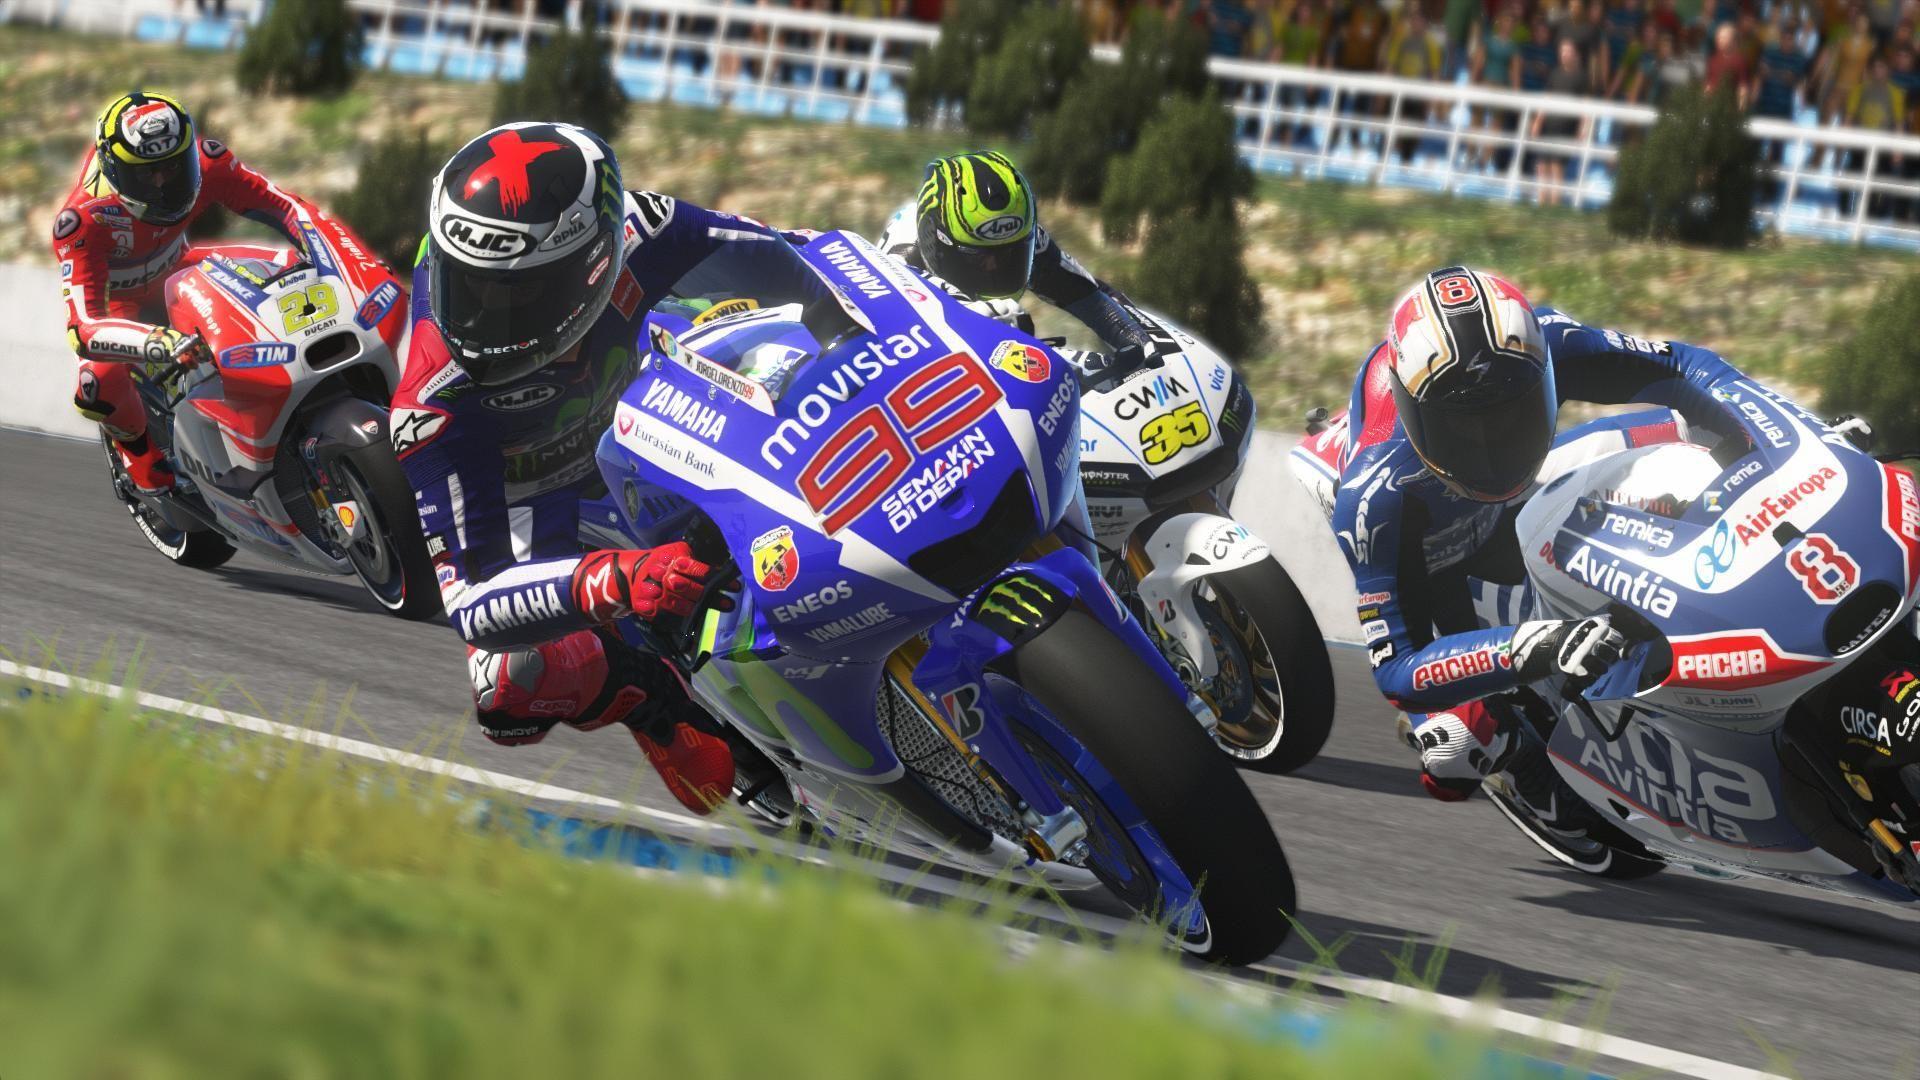 MotoGP 15 (PC) - 10